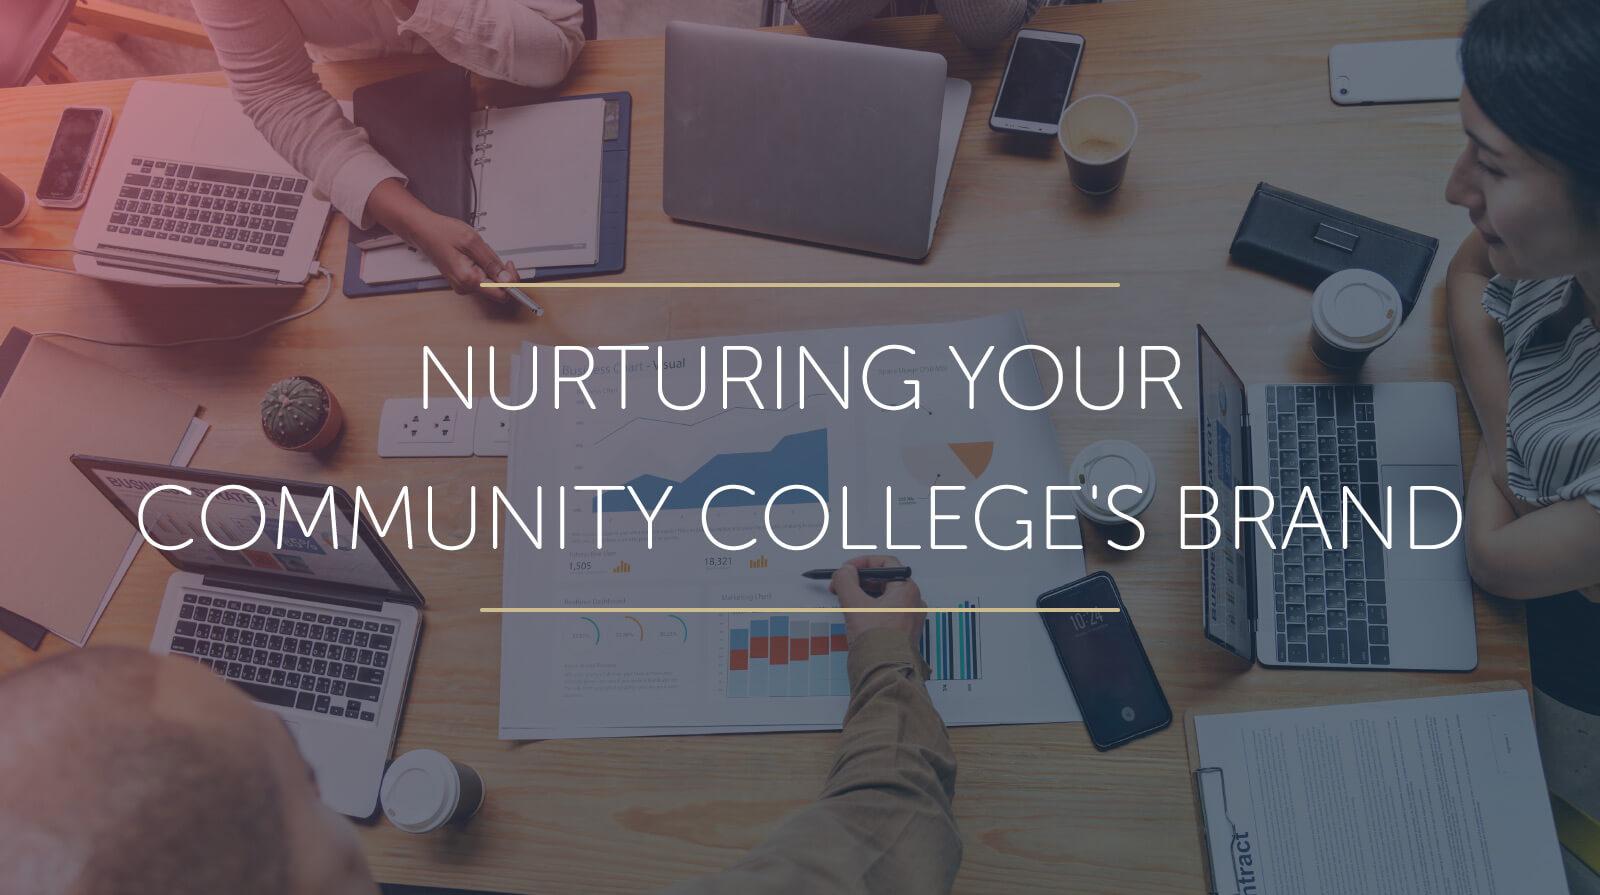 Nurturing your Community College Brand